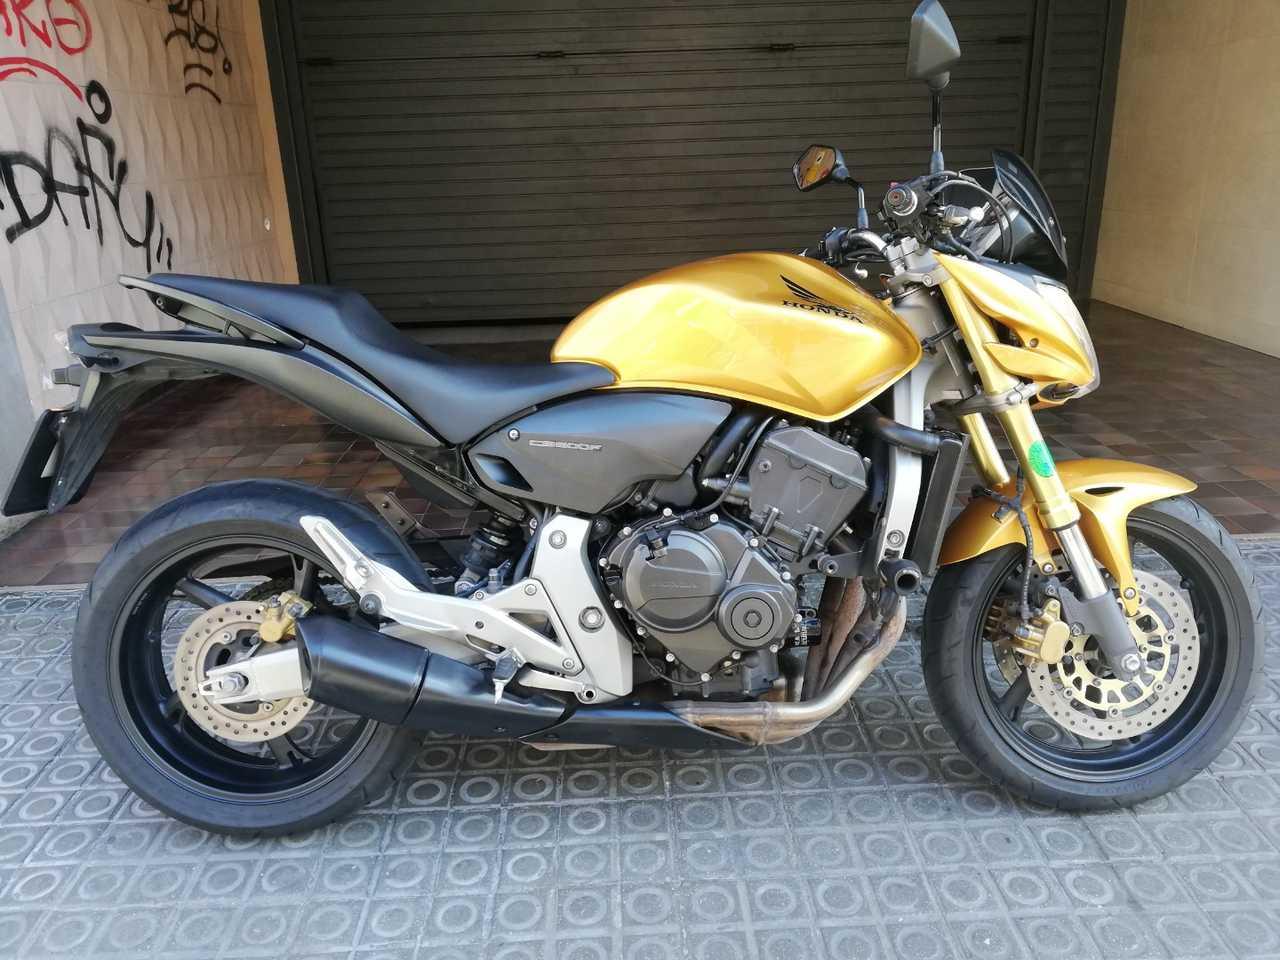 Honda Hornet CBF 600 N  - Foto 1